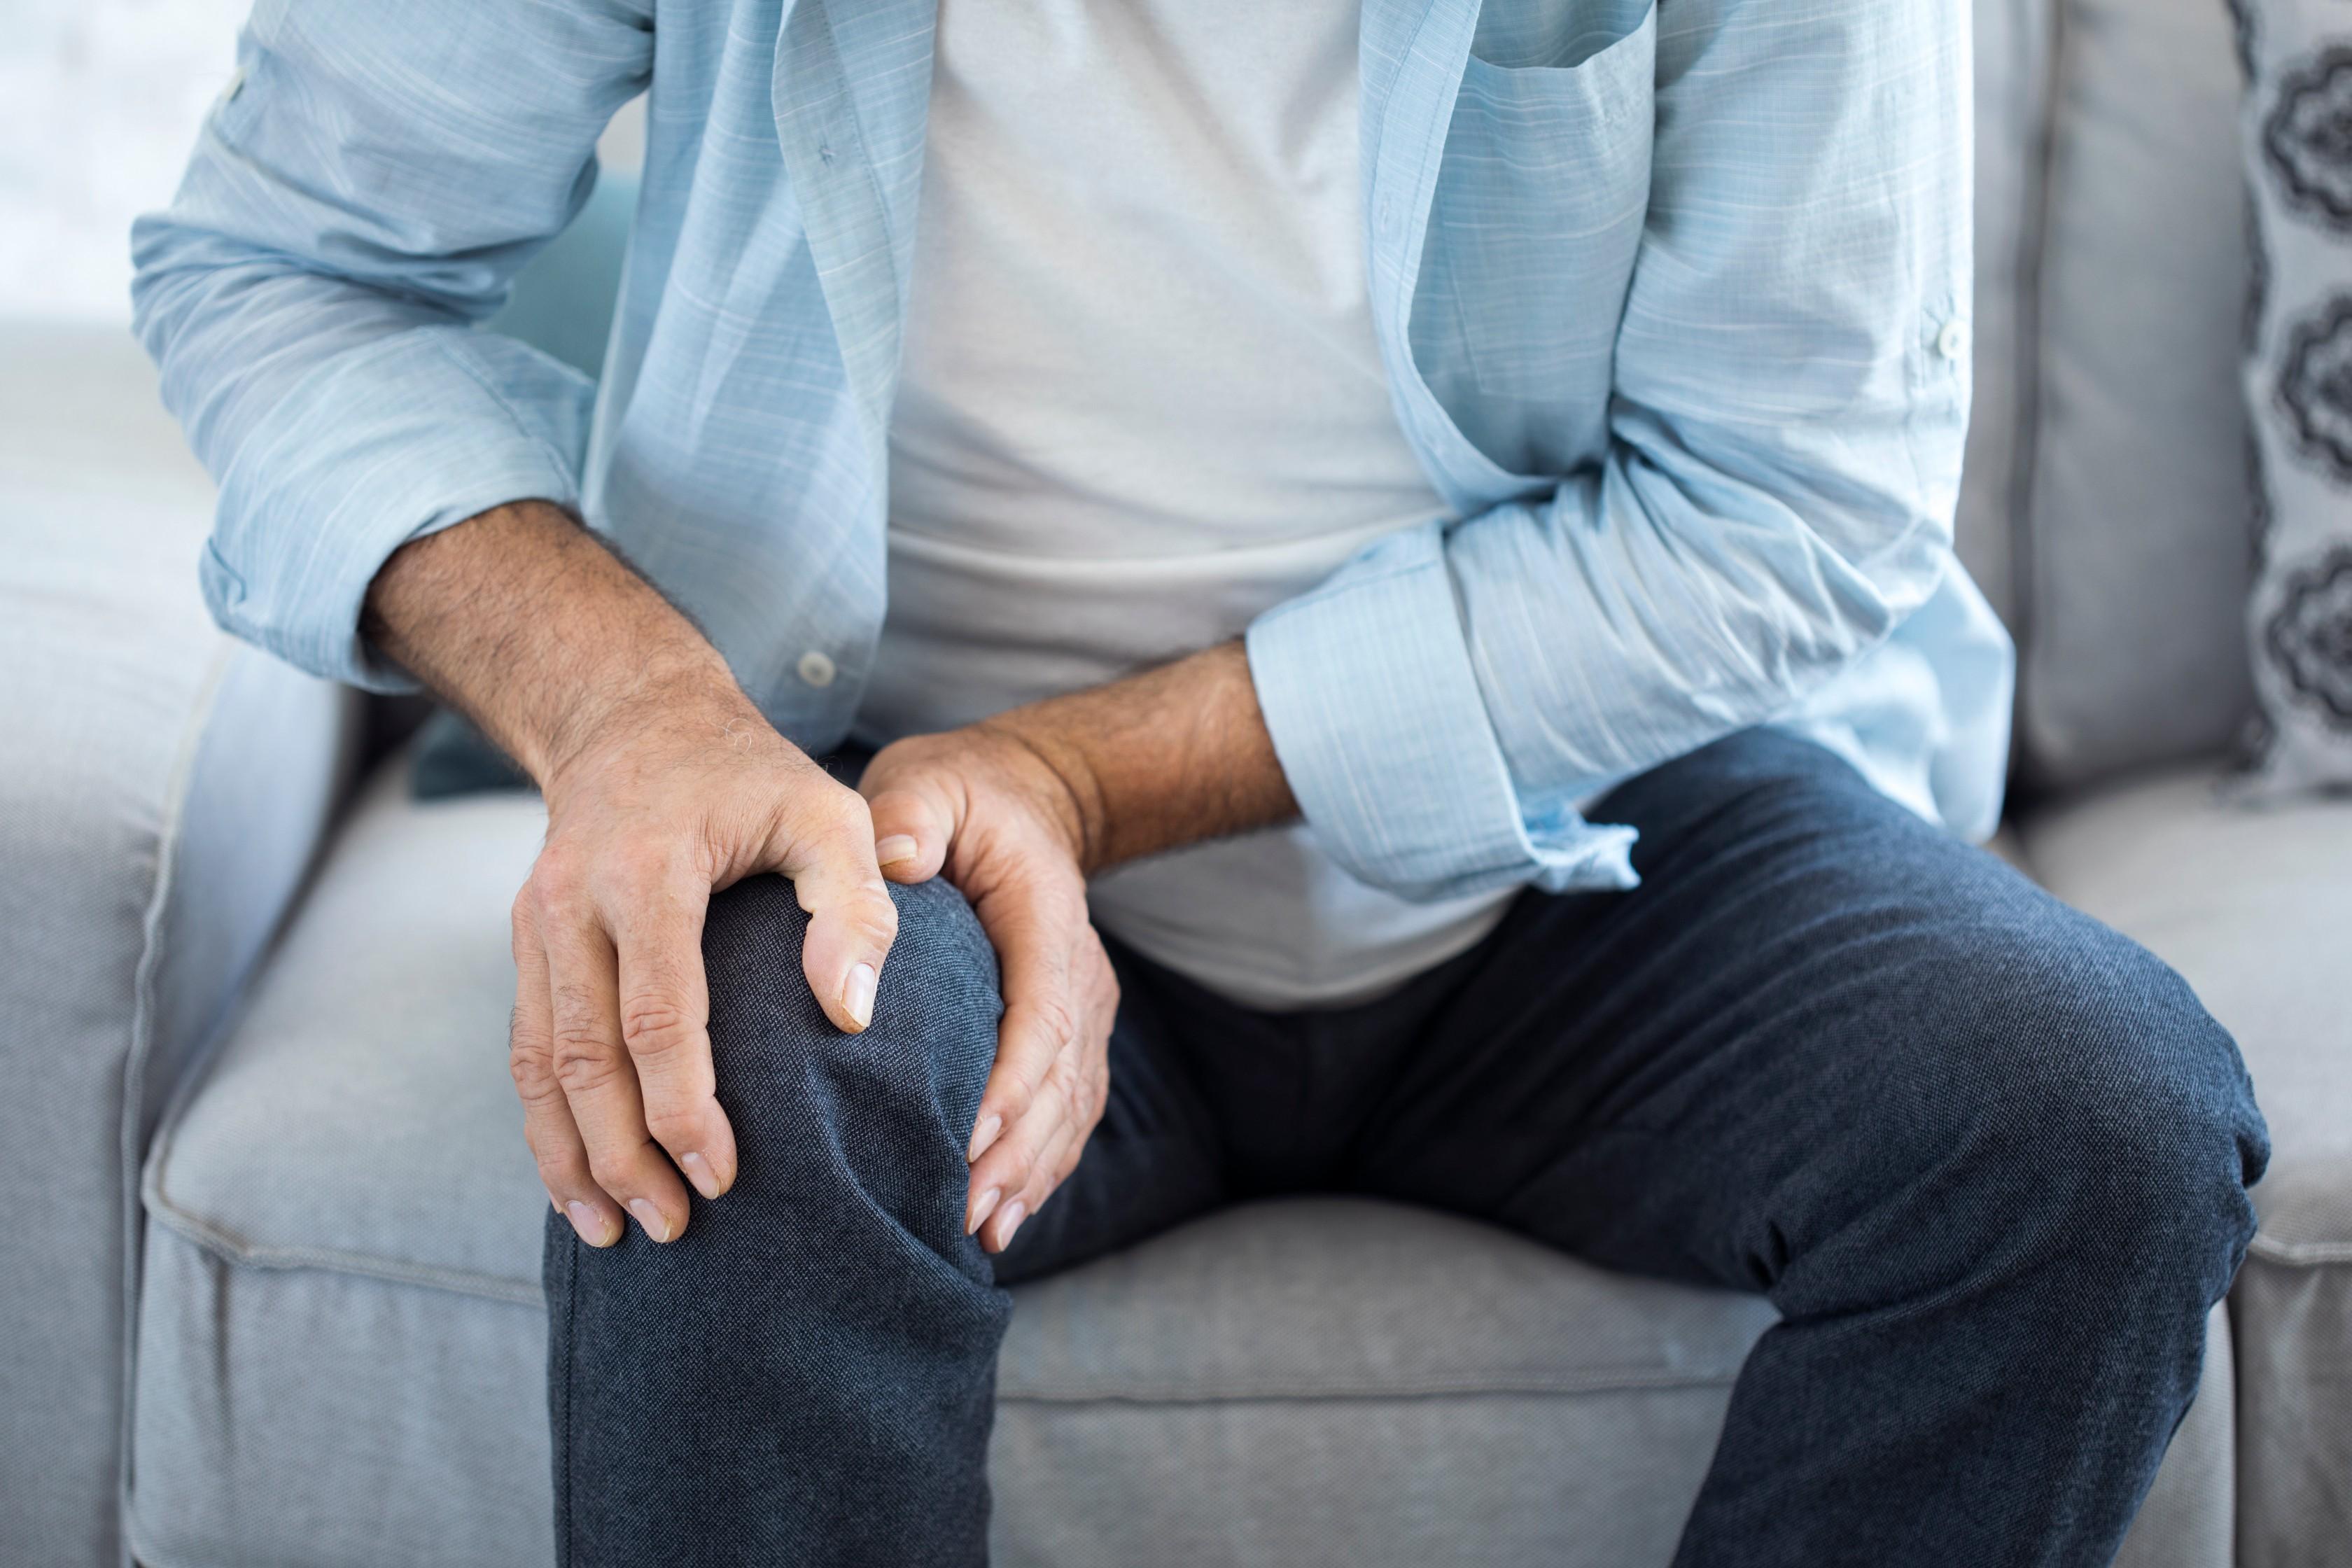 ízületi fájdalom, ha az időjárás változik készítmények együttes kezelésre szolgáló kondroprotektorok számára